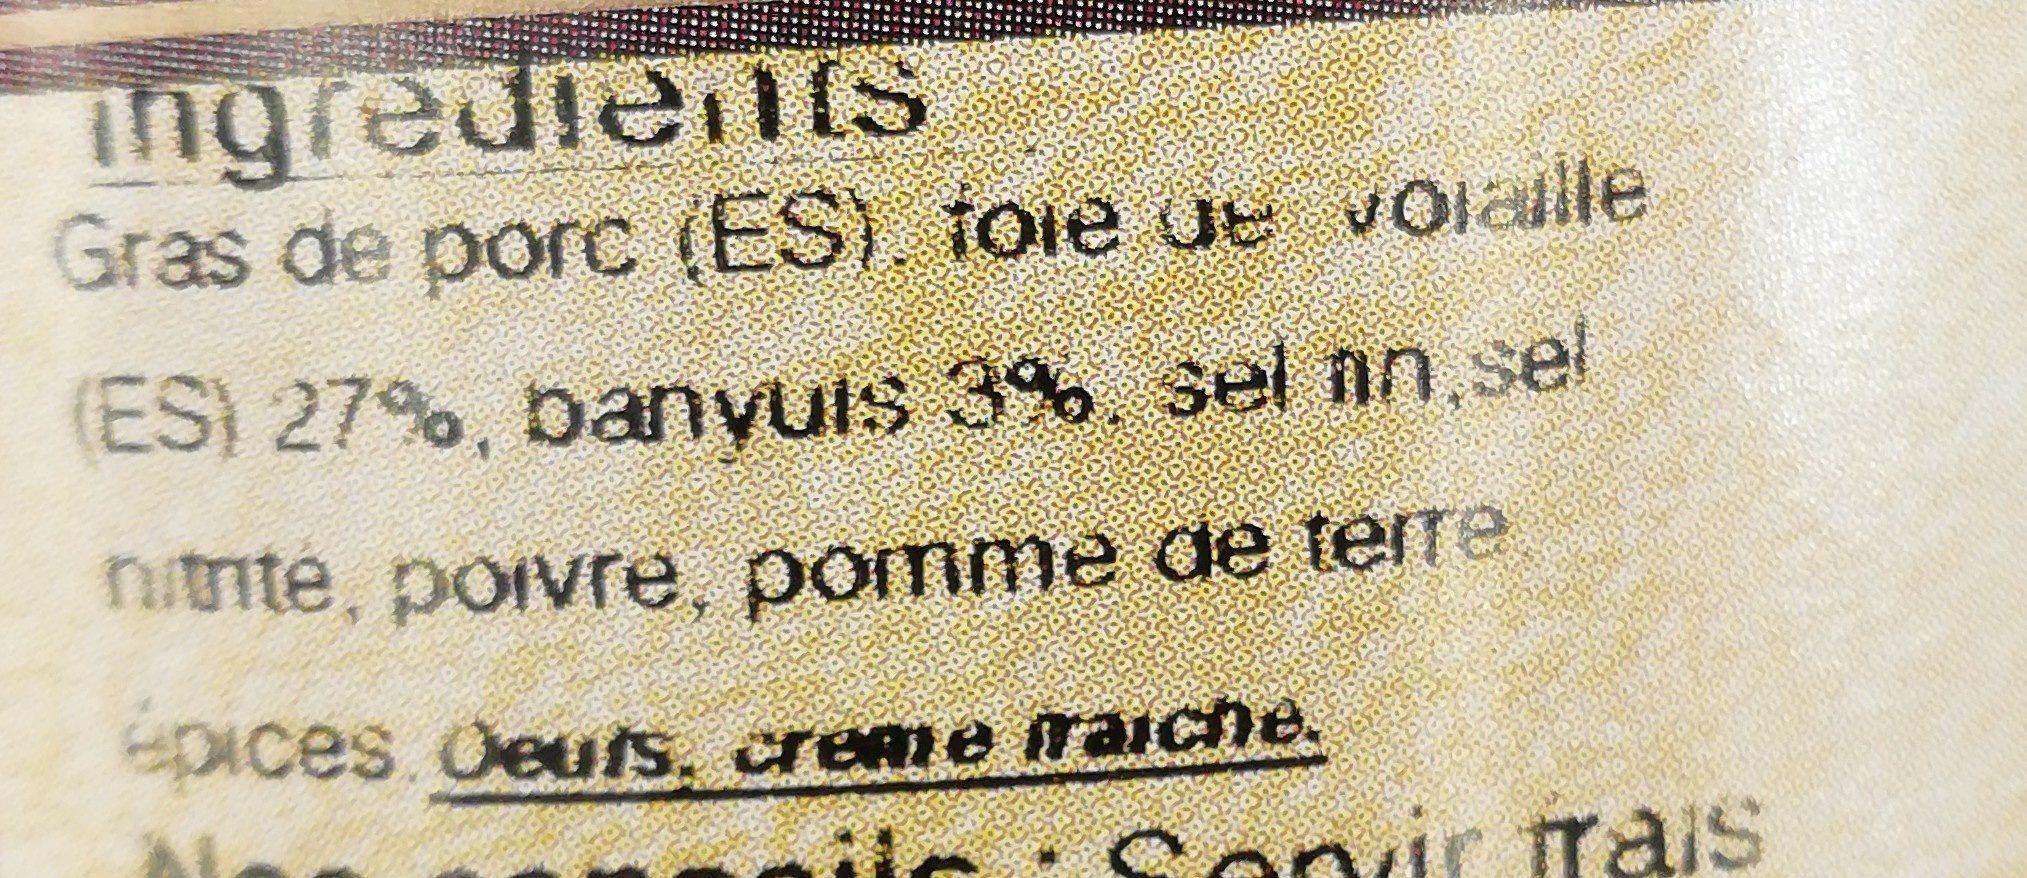 Terrine de foie de volaille au vin de Banyuls - Ingrédients - fr